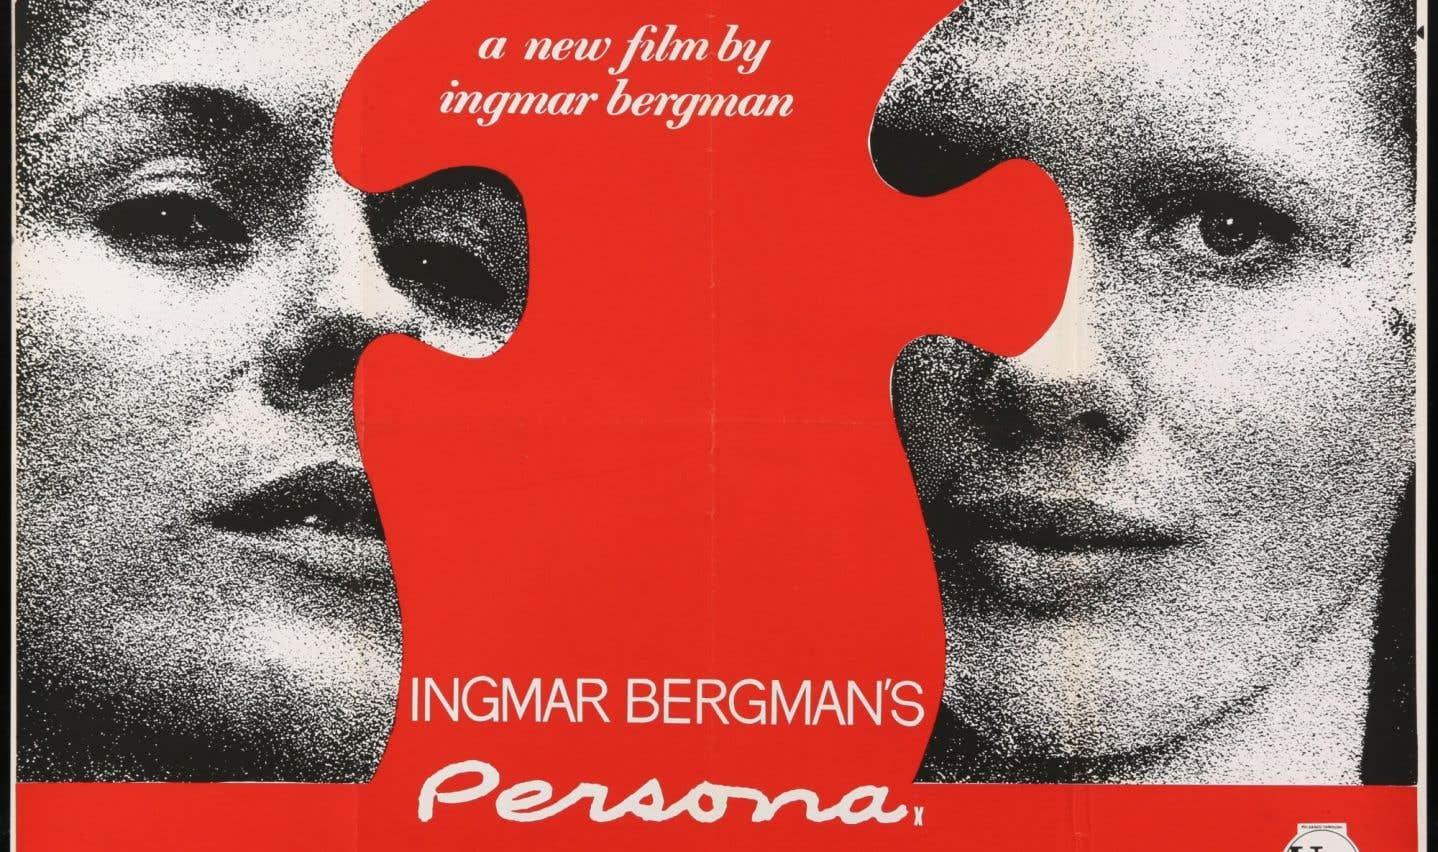 Affiche originale du film Persona du réalisateur Ingmar Bergman